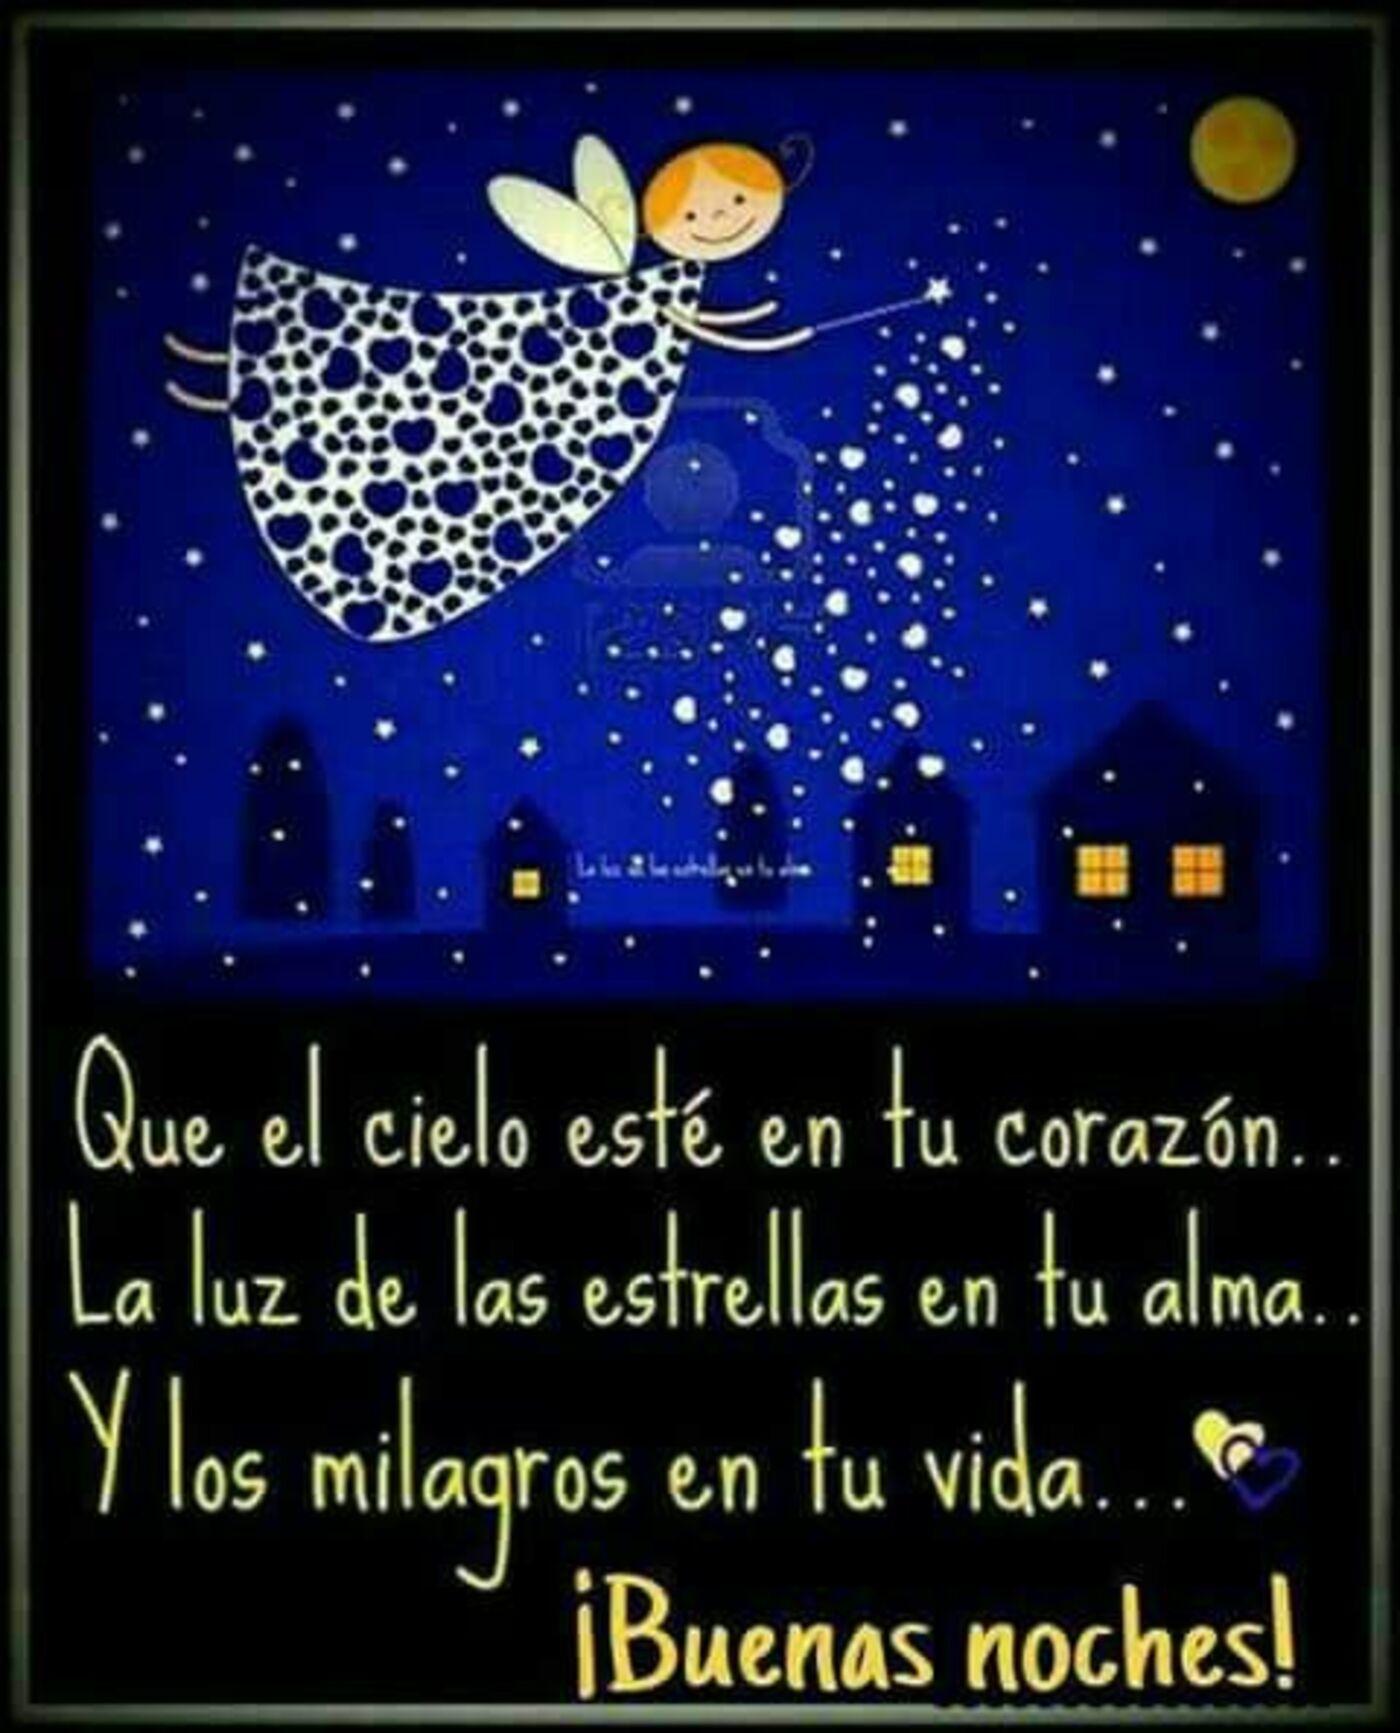 Que el cielo esté en tu corazón...la luz de las estrellas en tu alma...y los milagros en tu vida...Buenas noches!